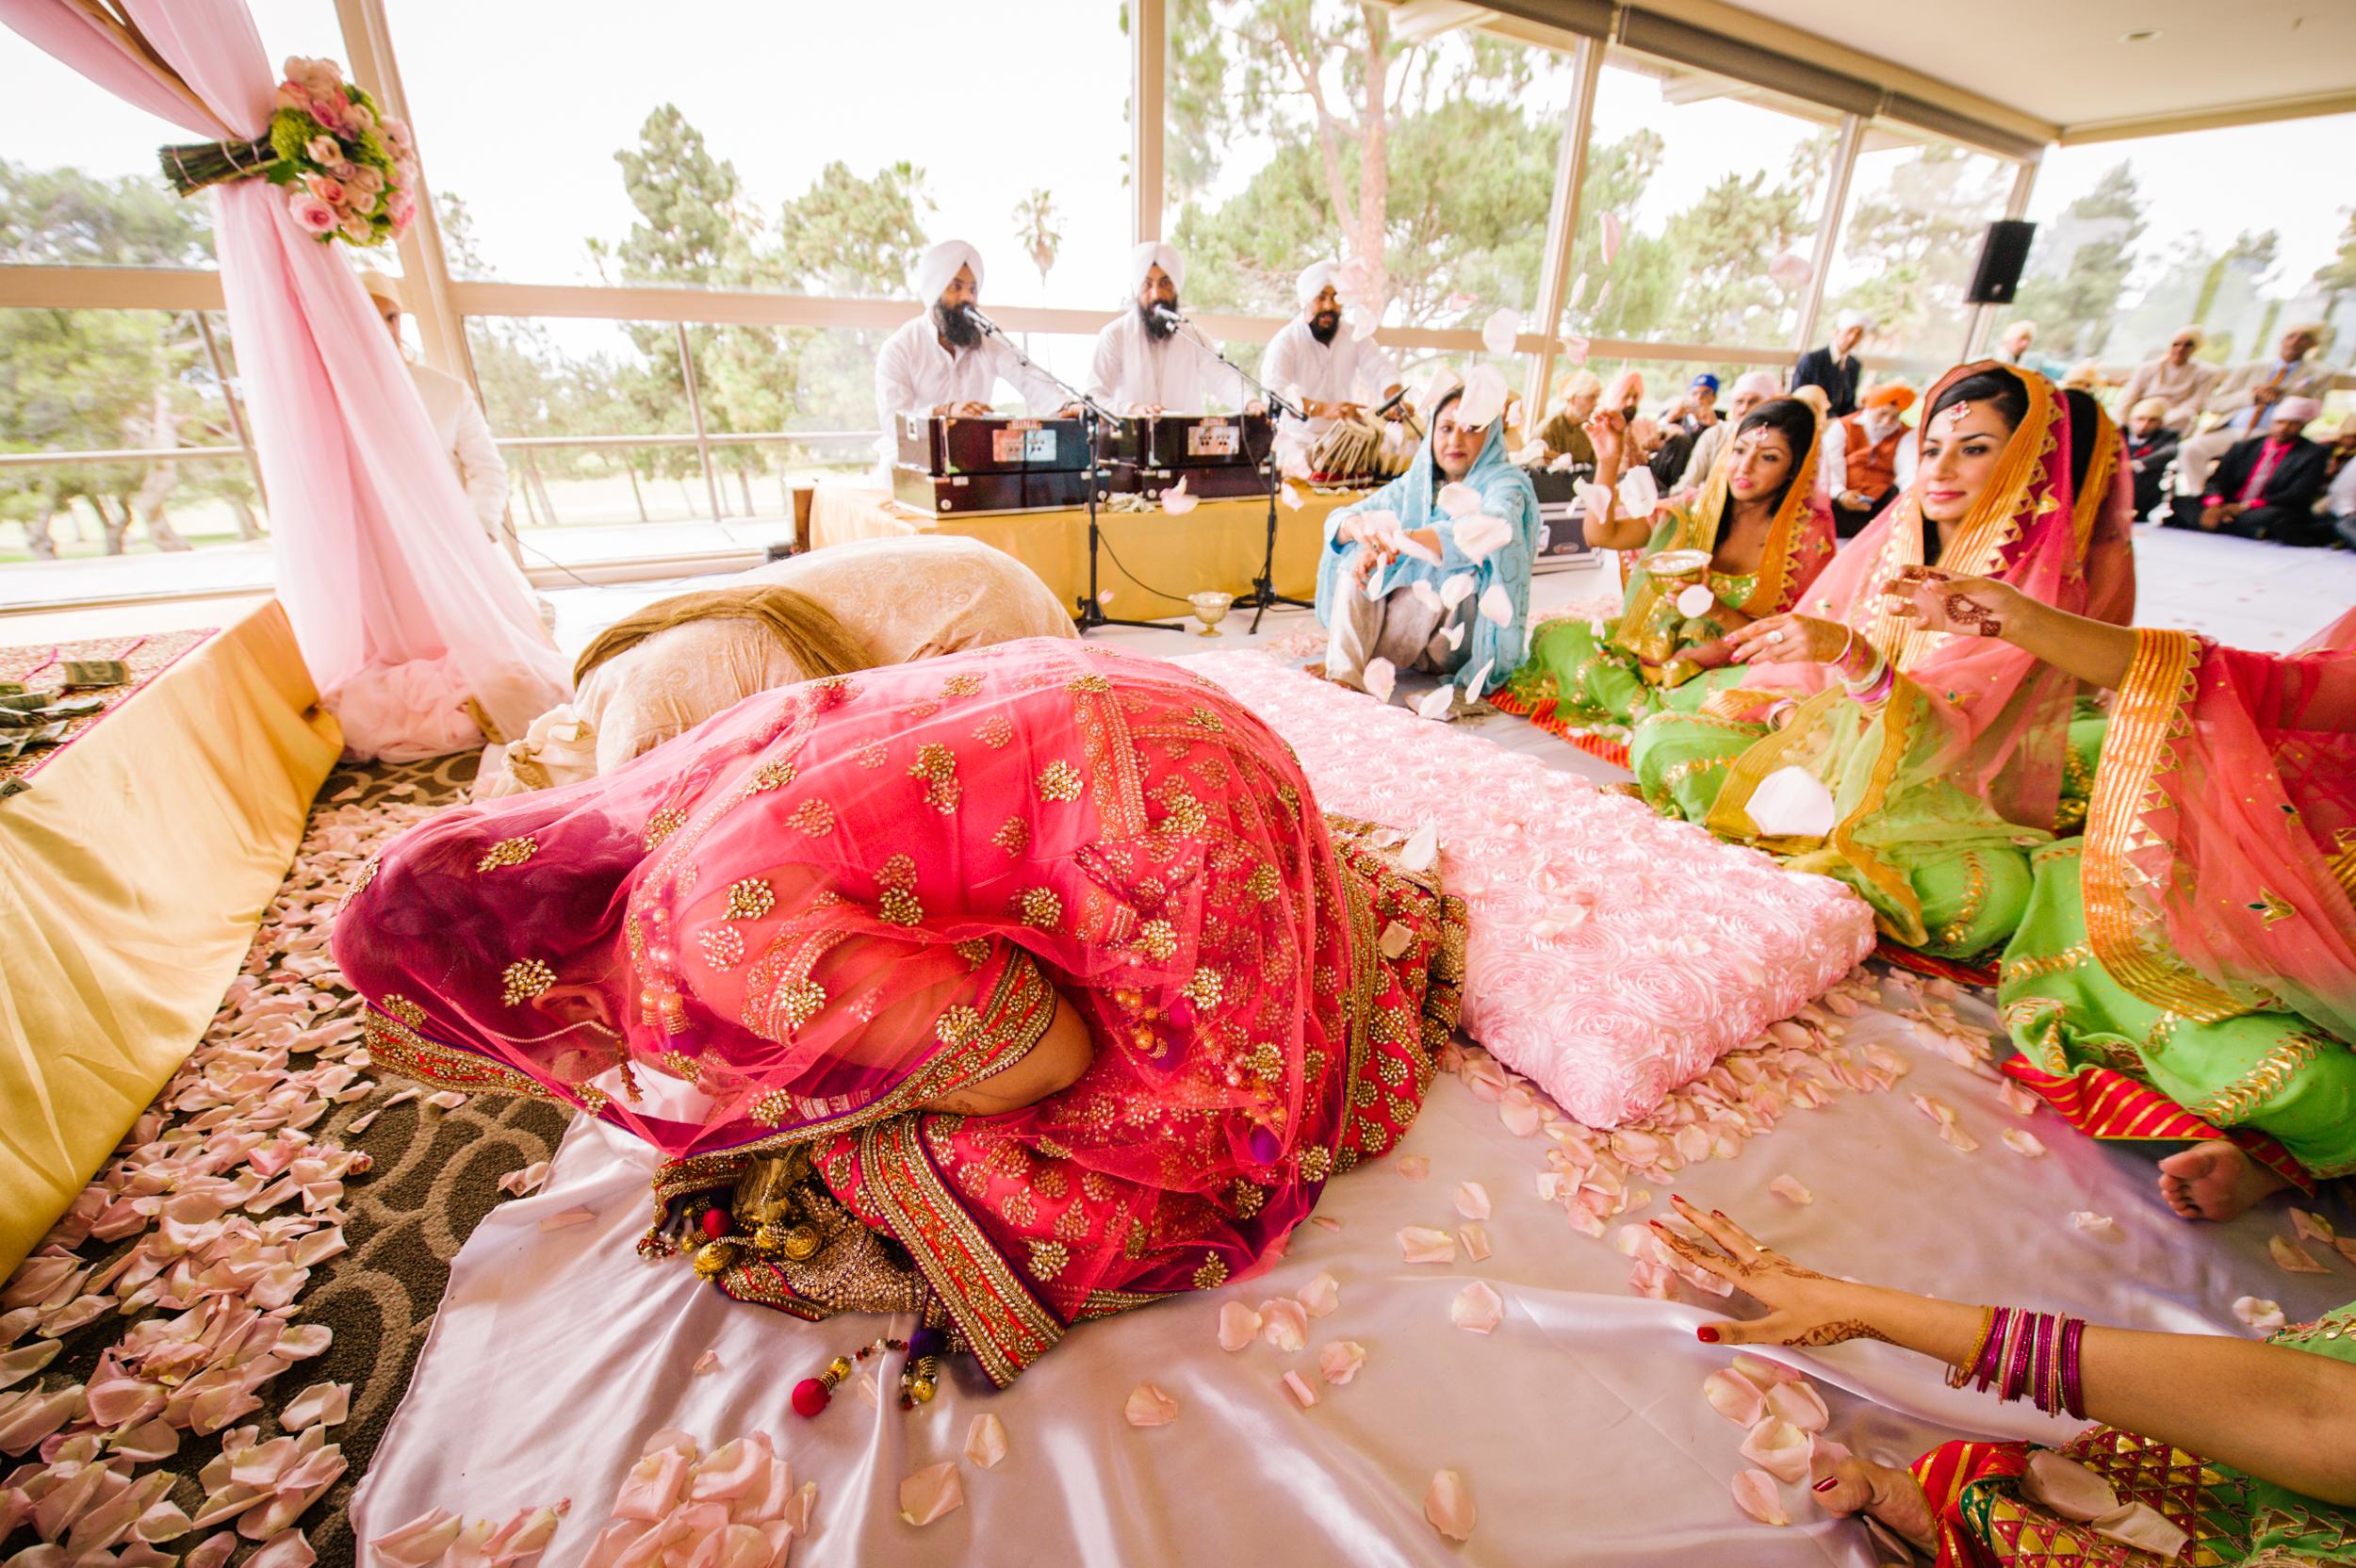 JKP_Indian_Weddings_0146.JPG